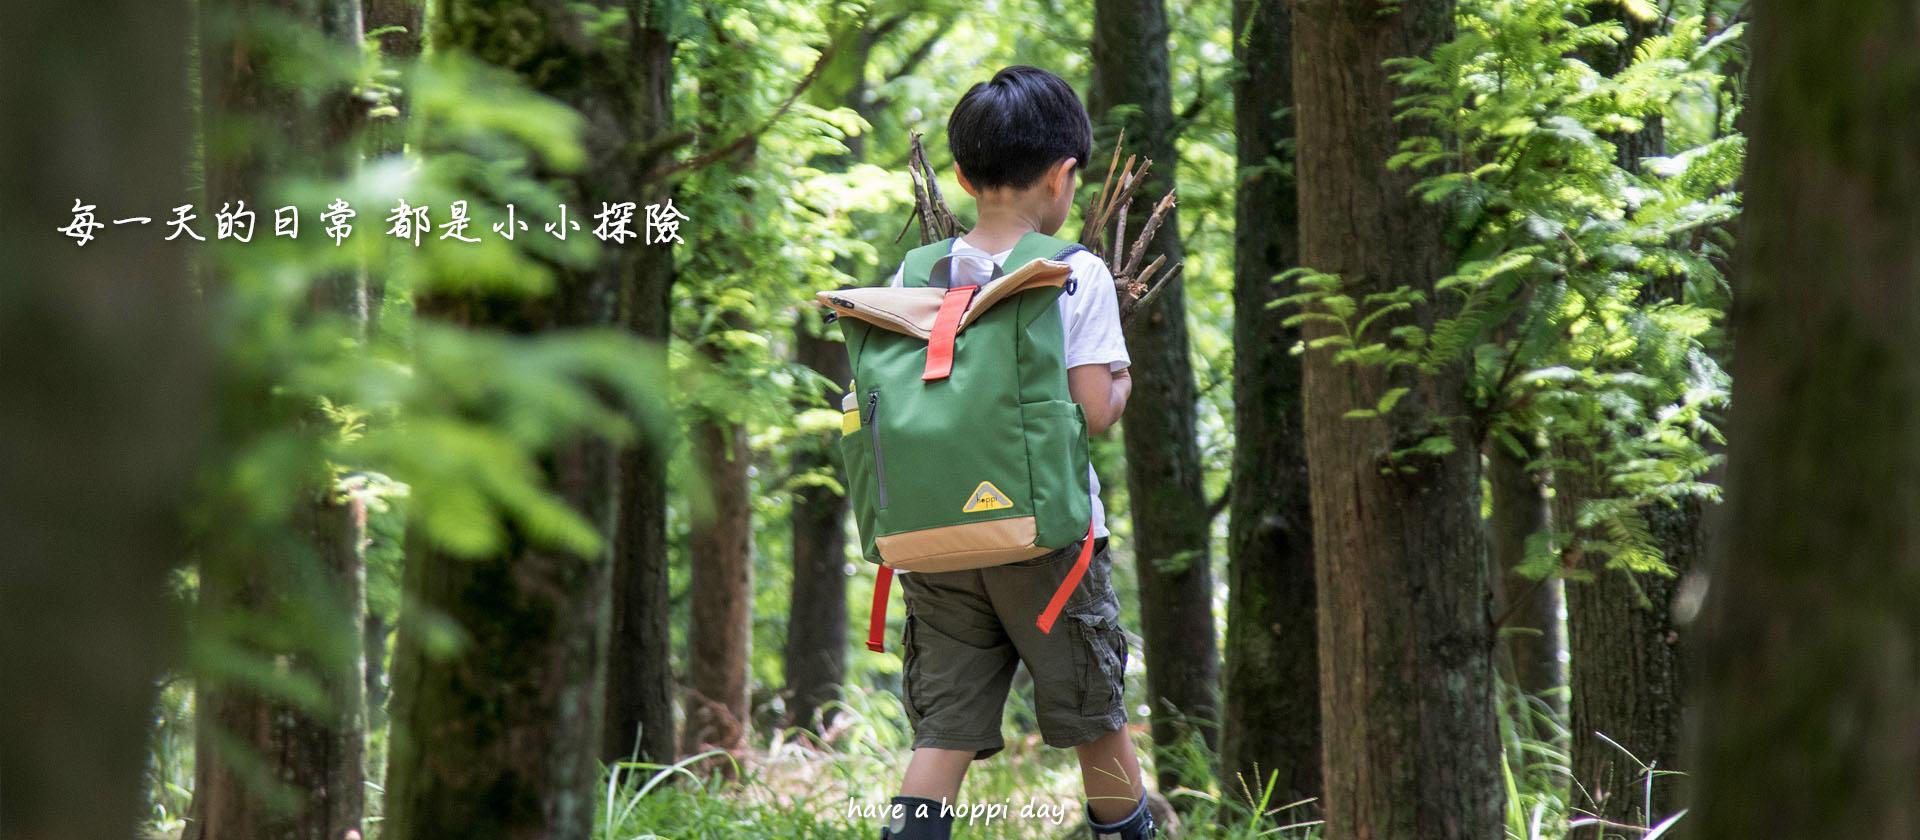 backpack, travel, trip, hoppi, hoppiday, 背包, 旅行, 親子, 兒童, kids, child, children, 市集, market, 華山, 松菸